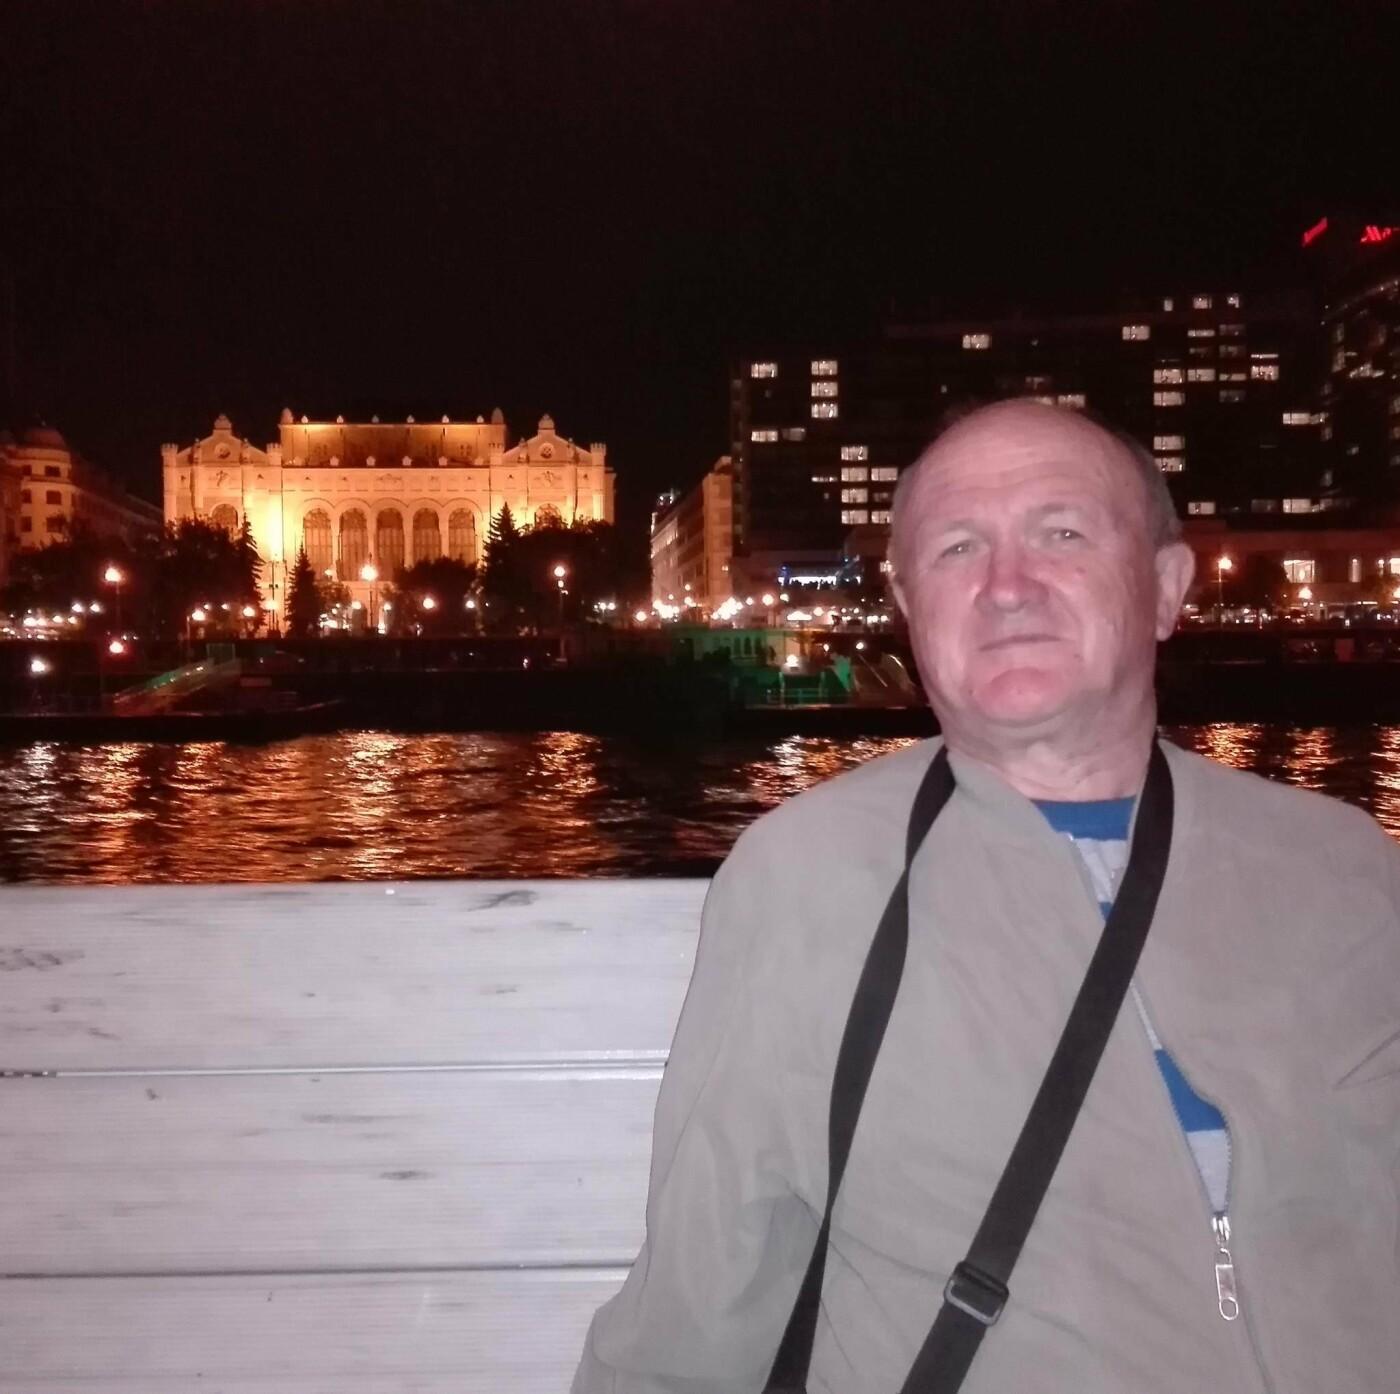 В Киевской области врач-травматолог умер от COVID-19, пролежав месяц в больнице, фото-1